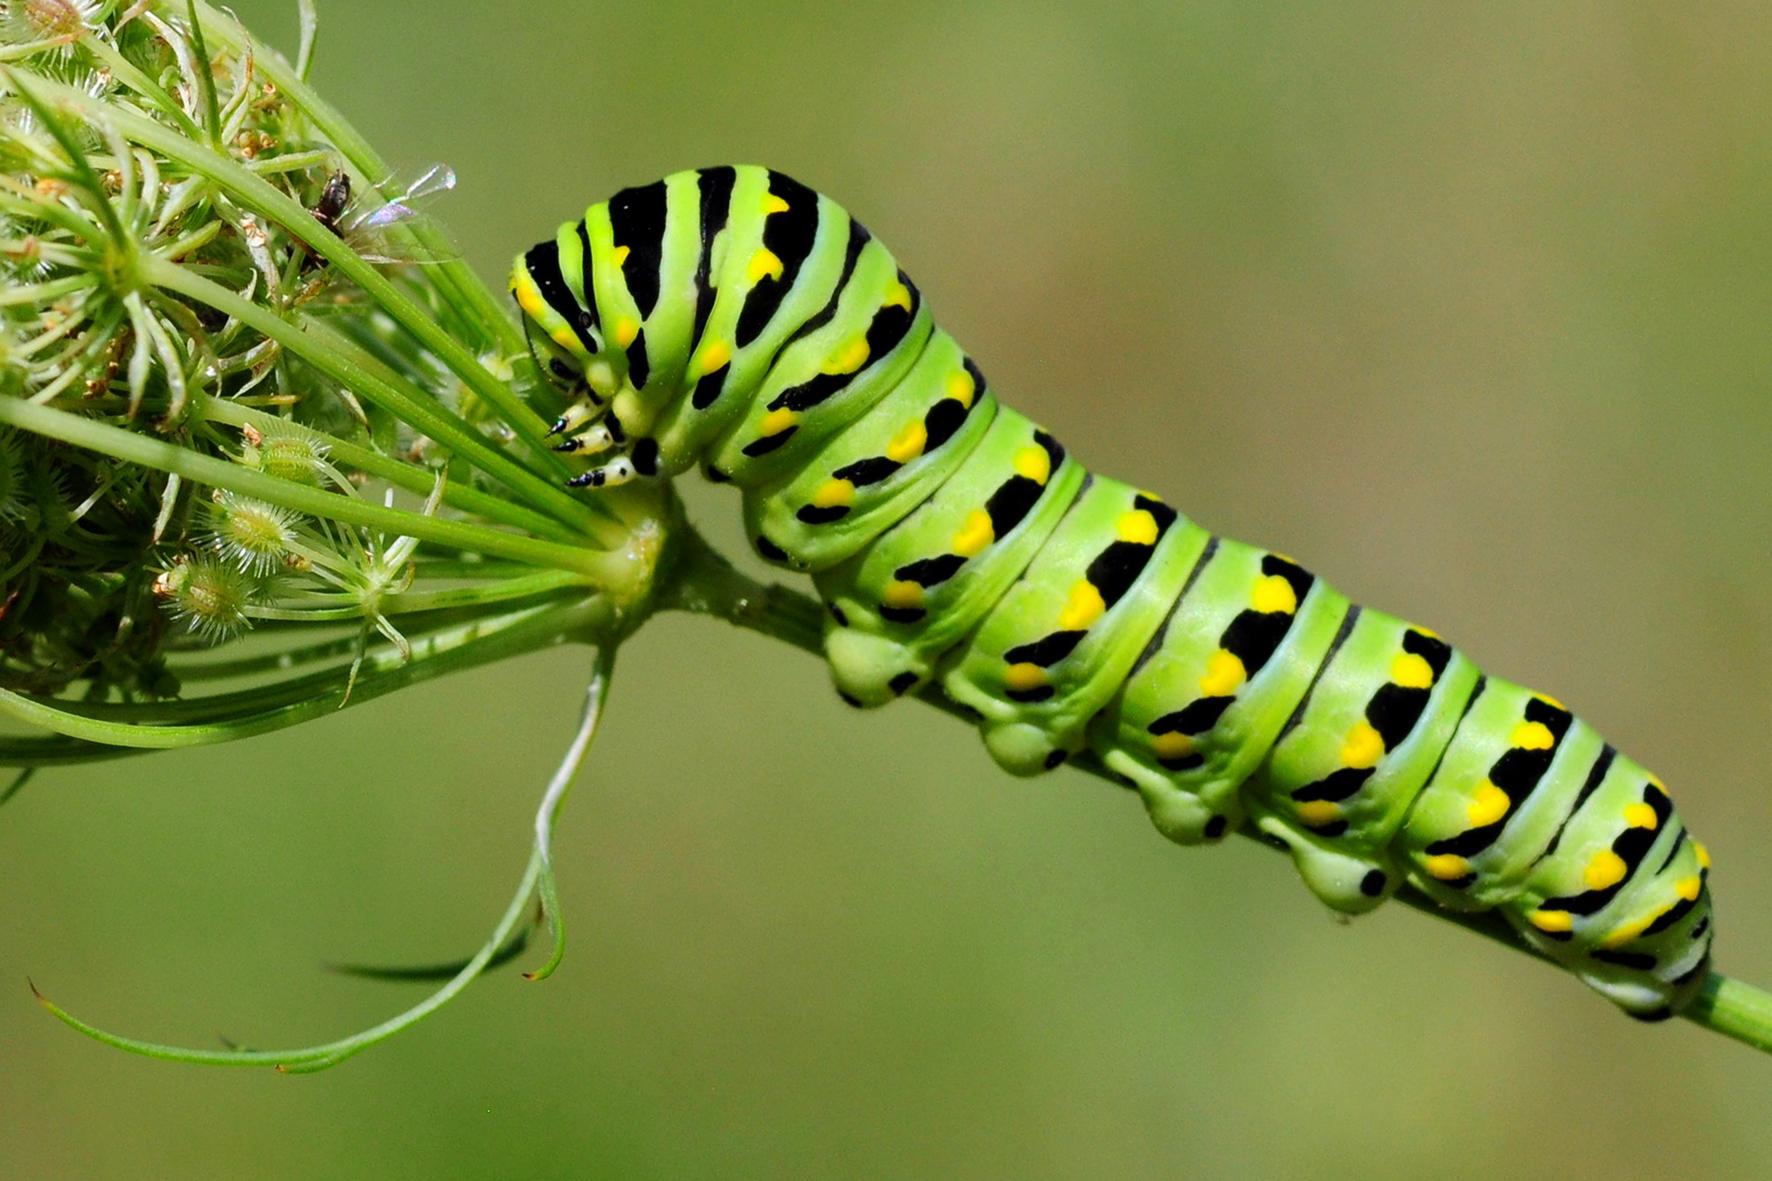 Plantes h tes espace pour la vie - Chenille verte et noire ...